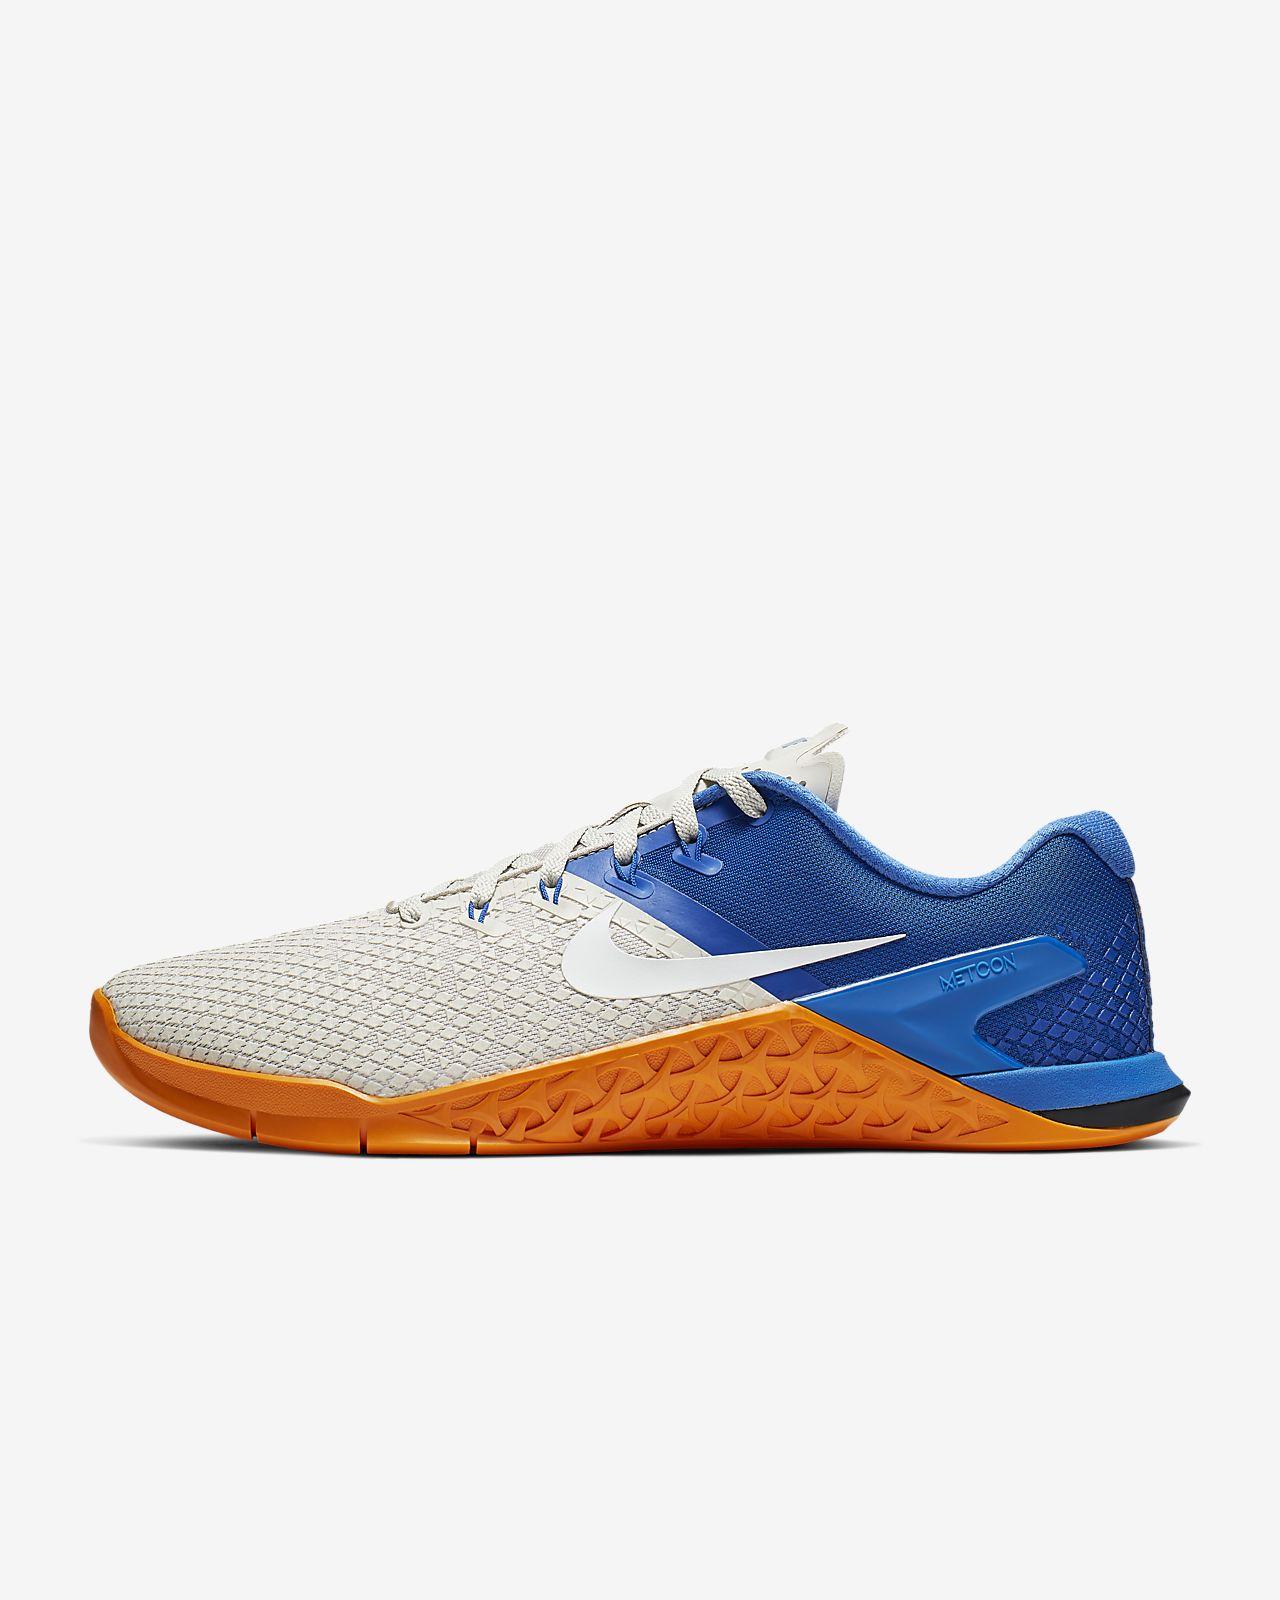 8618f6f86 Nike Metcon 4 XD Zapatillas de entrenamiento - Hombre. Nike.com ES